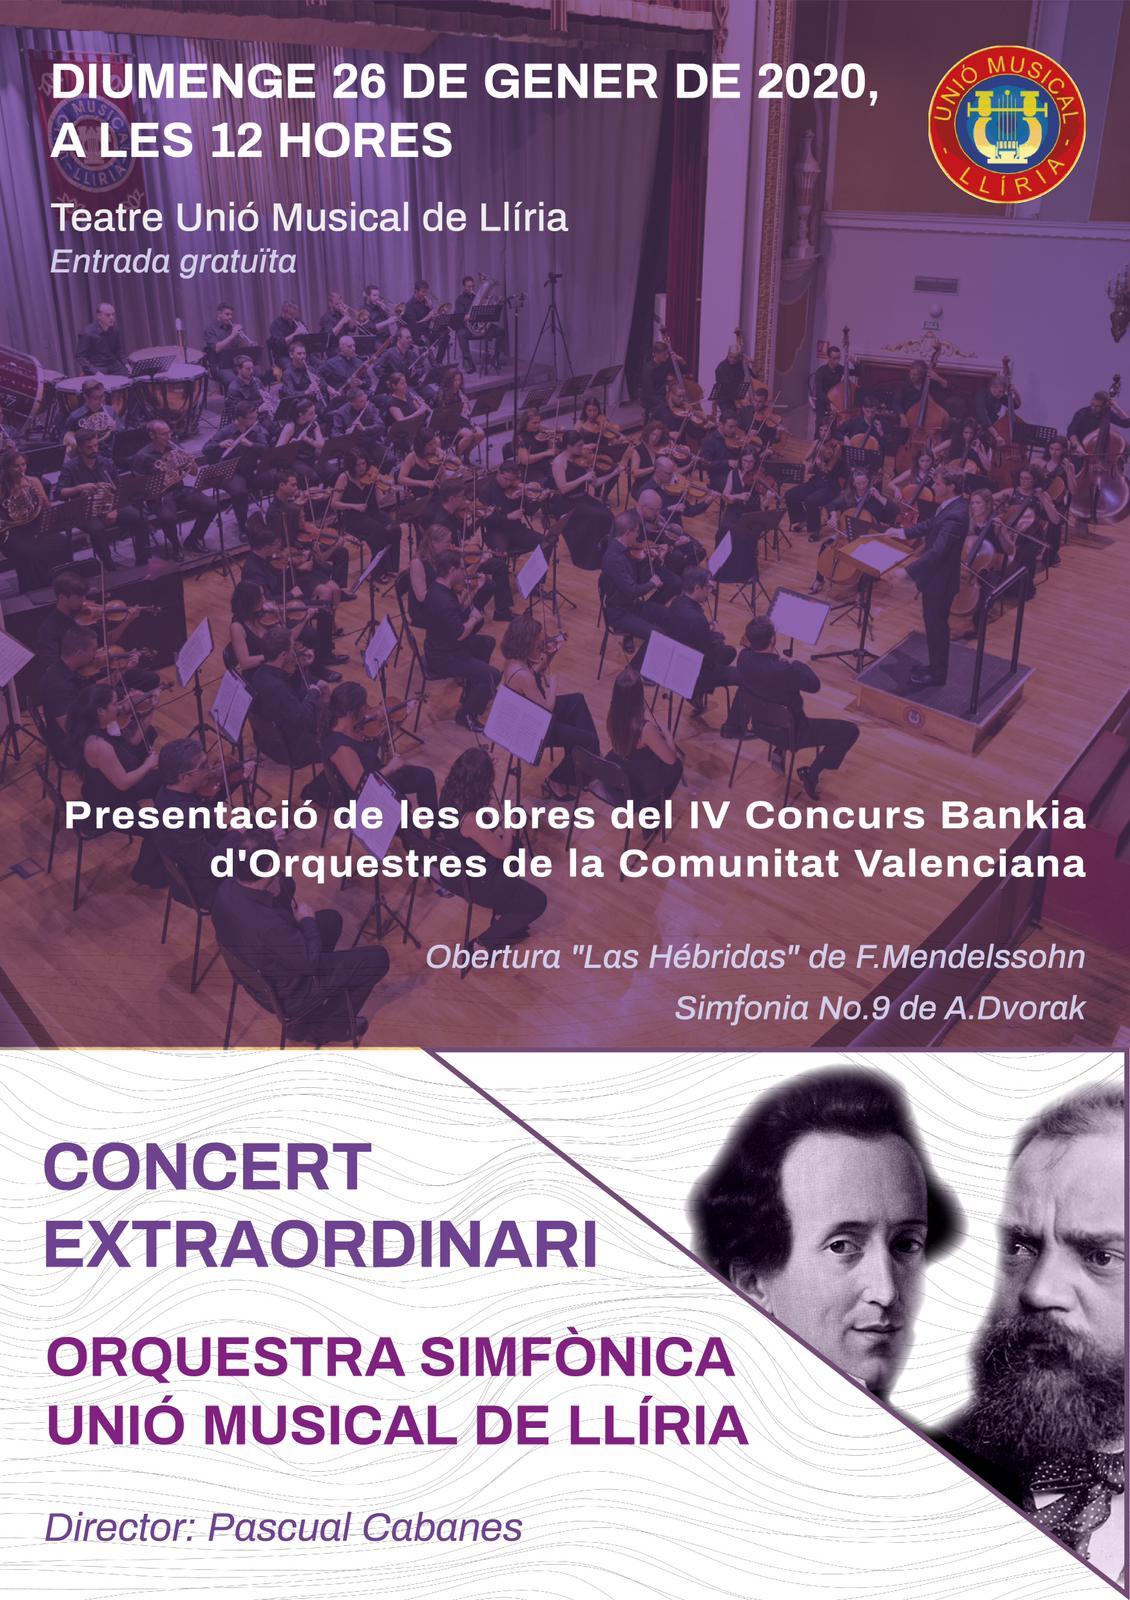 Concurs Bankia